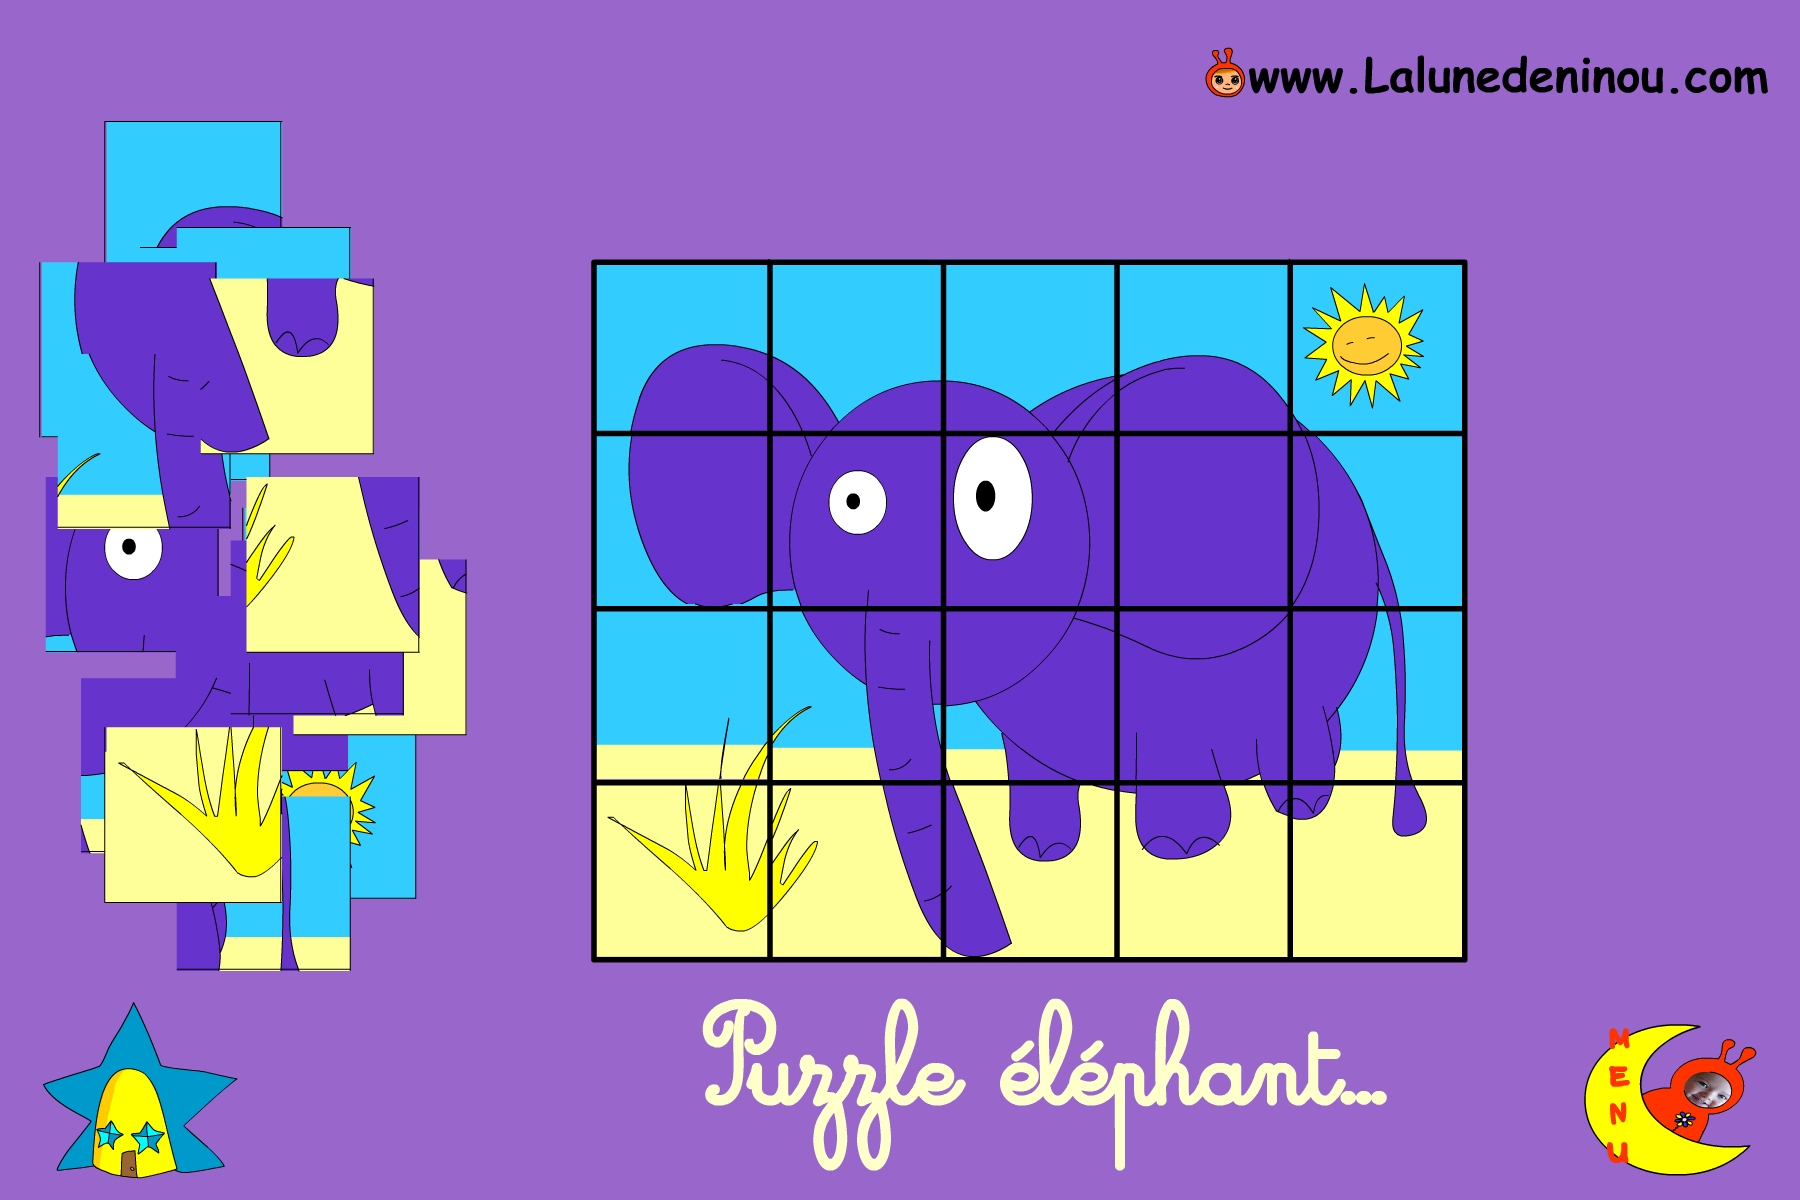 Puzzle En Ligne Pour Enfant De Maternelle - Lalunedeninou concernant Jeux Maternelle Petite Section Gratuit